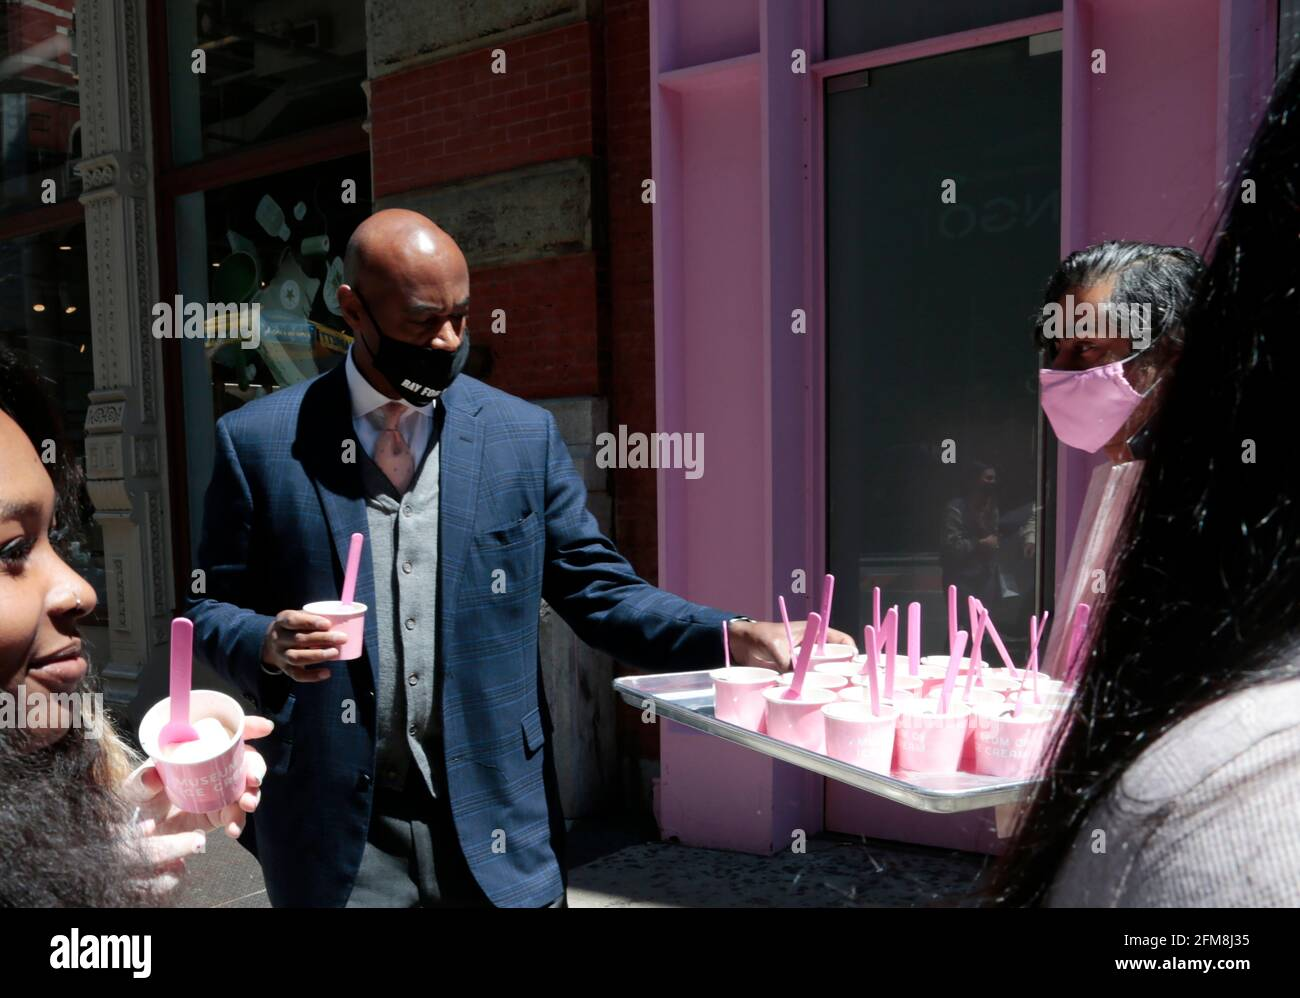 New York, NY, USA. Mai 2021. Der New York City Bürgermeister-Kandidat Ray McGuire besucht ein Forum mit Geschäftsführern über seine Richtlinien für das Comeback von New York City, veranstaltet von Manish Vora - Co-CEO & Gründer - Museum of Ice Cream, und serviert anschließend Eiscreme für die Community im Stadtteil Soho in New York Stadt am 6. Mai 2021. Quelle: Mpi43/Media Punch/Alamy Live News Stockfoto